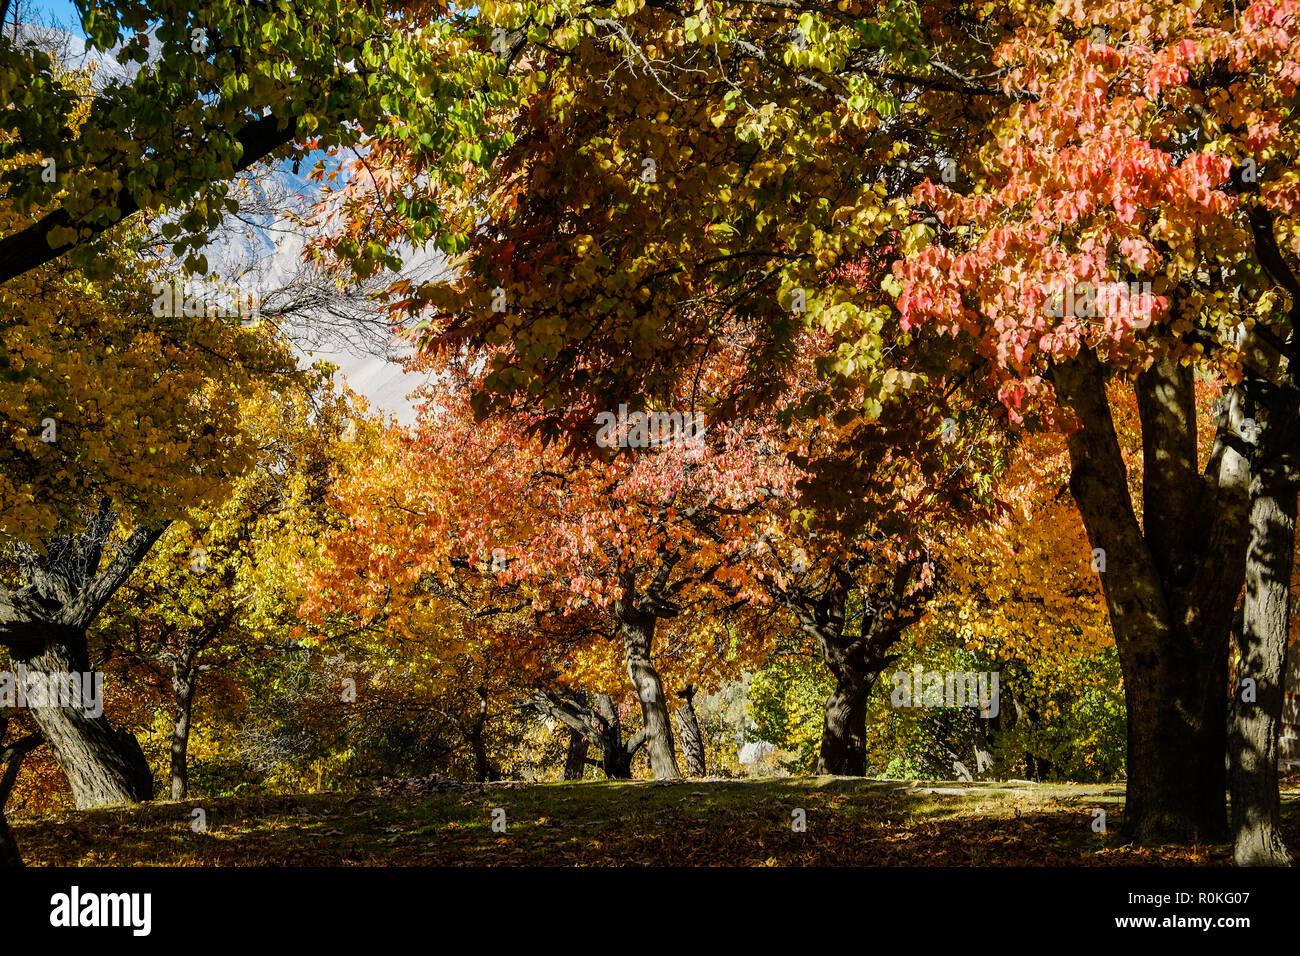 Colorful foliage in autumn, Altit royal garden, Gilgit-Baltistan, Pakistan. - Stock Image